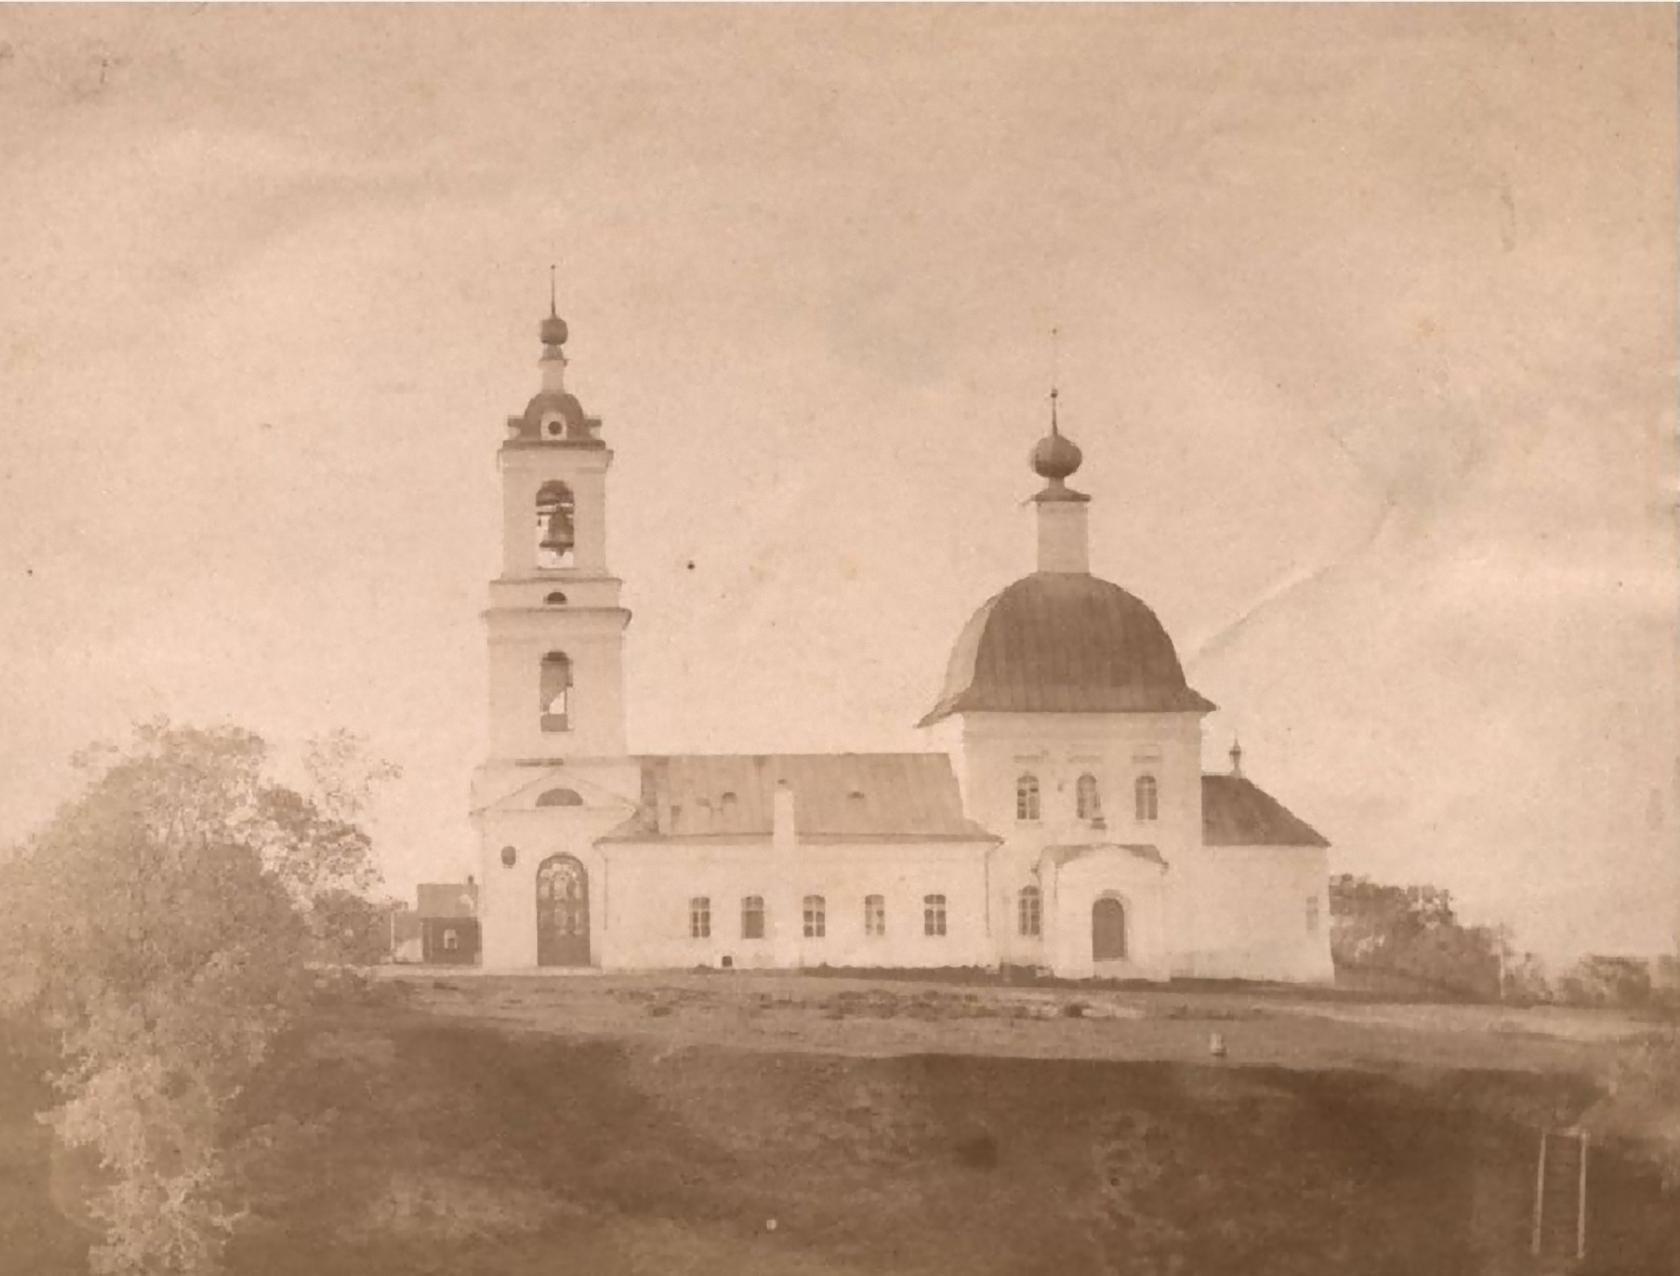 Церковь Крестовоздвижения. Построена в 1795-1800 годах, разрушена в 1929. Вид с юга. 23 мая 1896